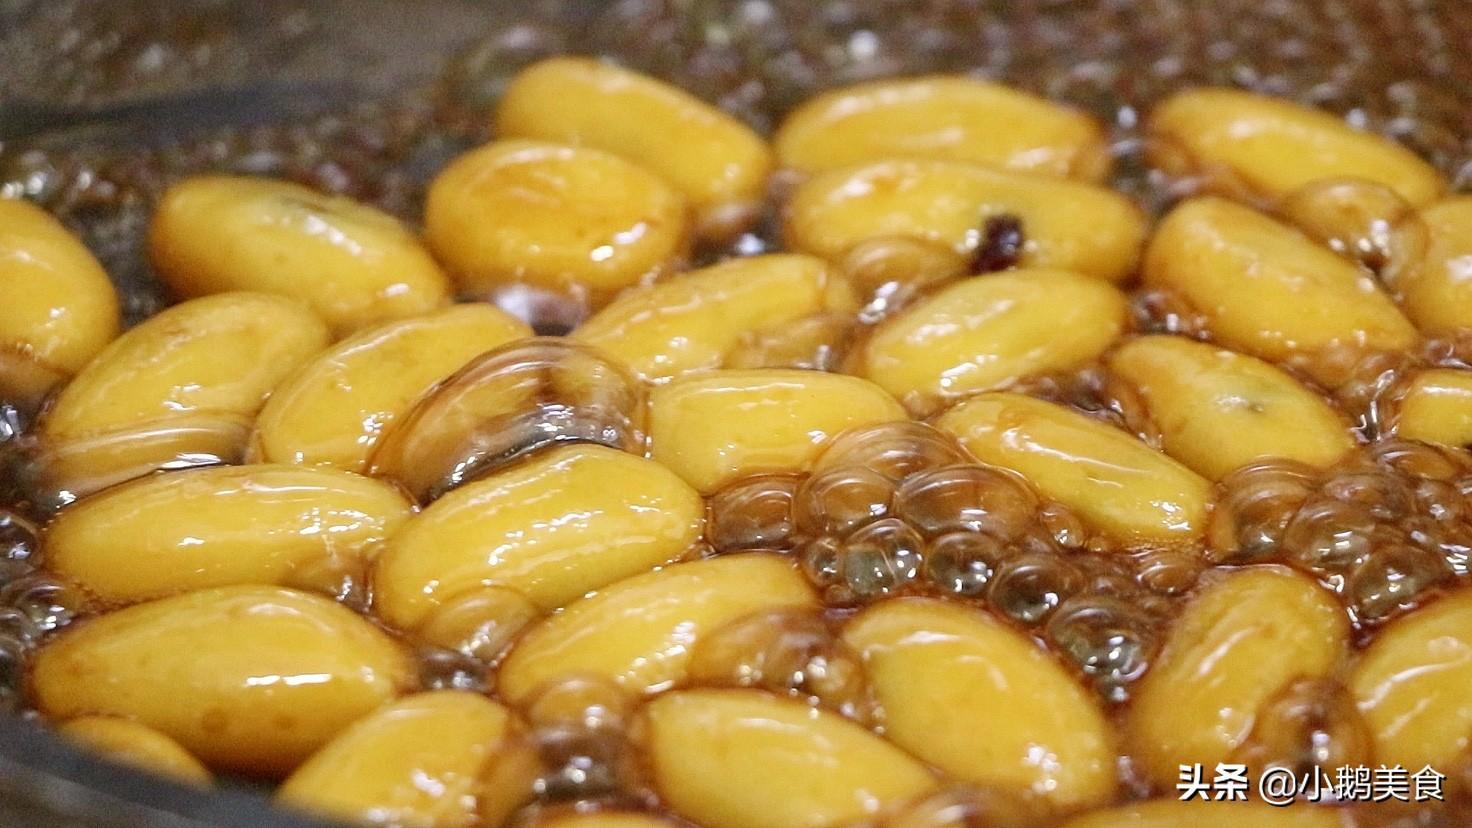 自从糯米粉学会这吃法,3天2头做一锅,无油少糖,好吃又健康 美食做法 第8张